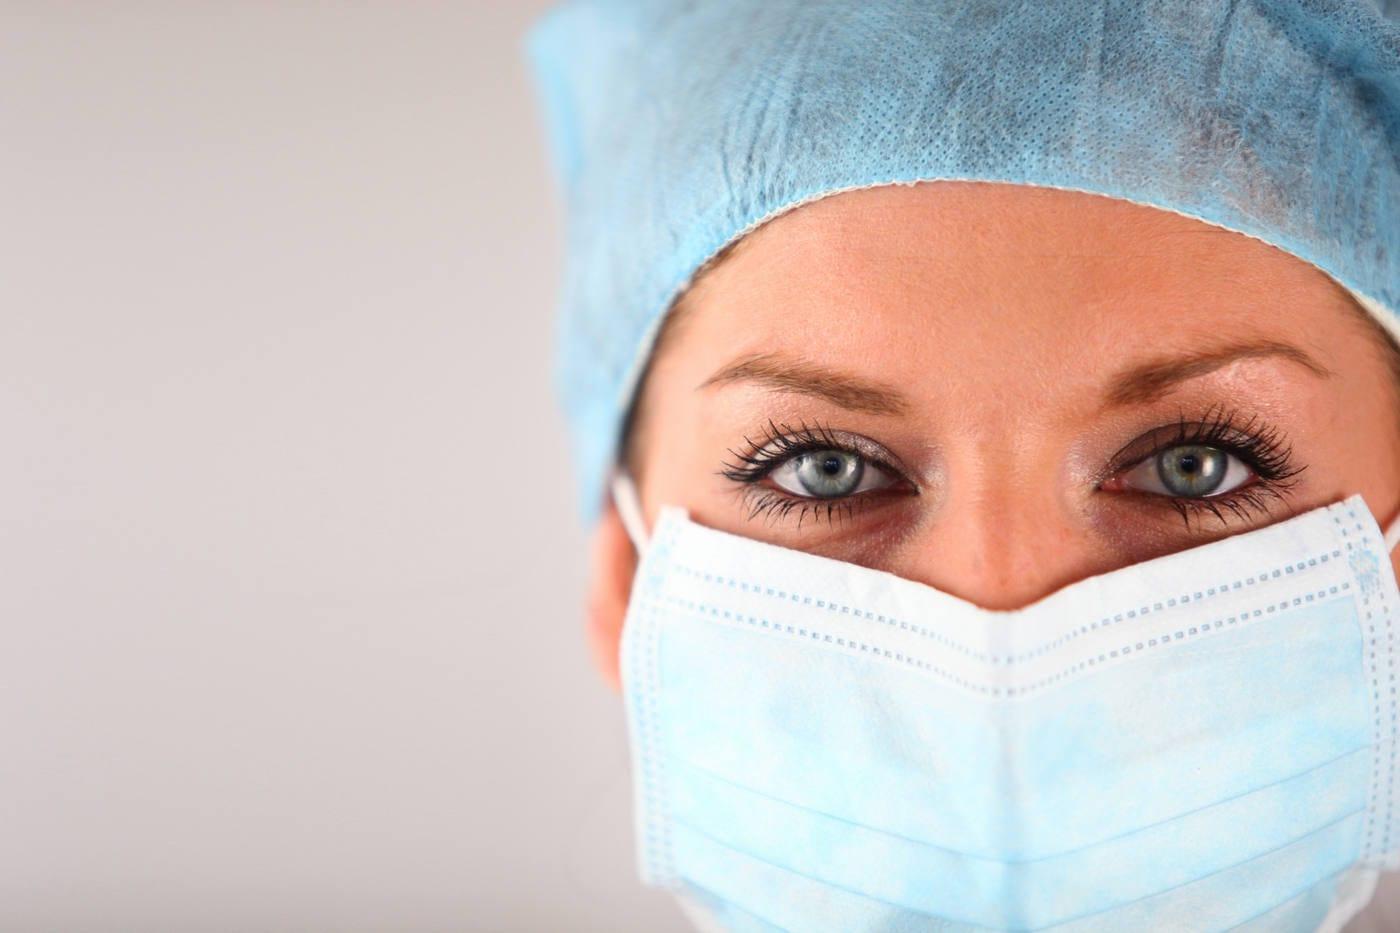 Masca de protecție- cum se folosește corect și câte ore poate fi purtată?